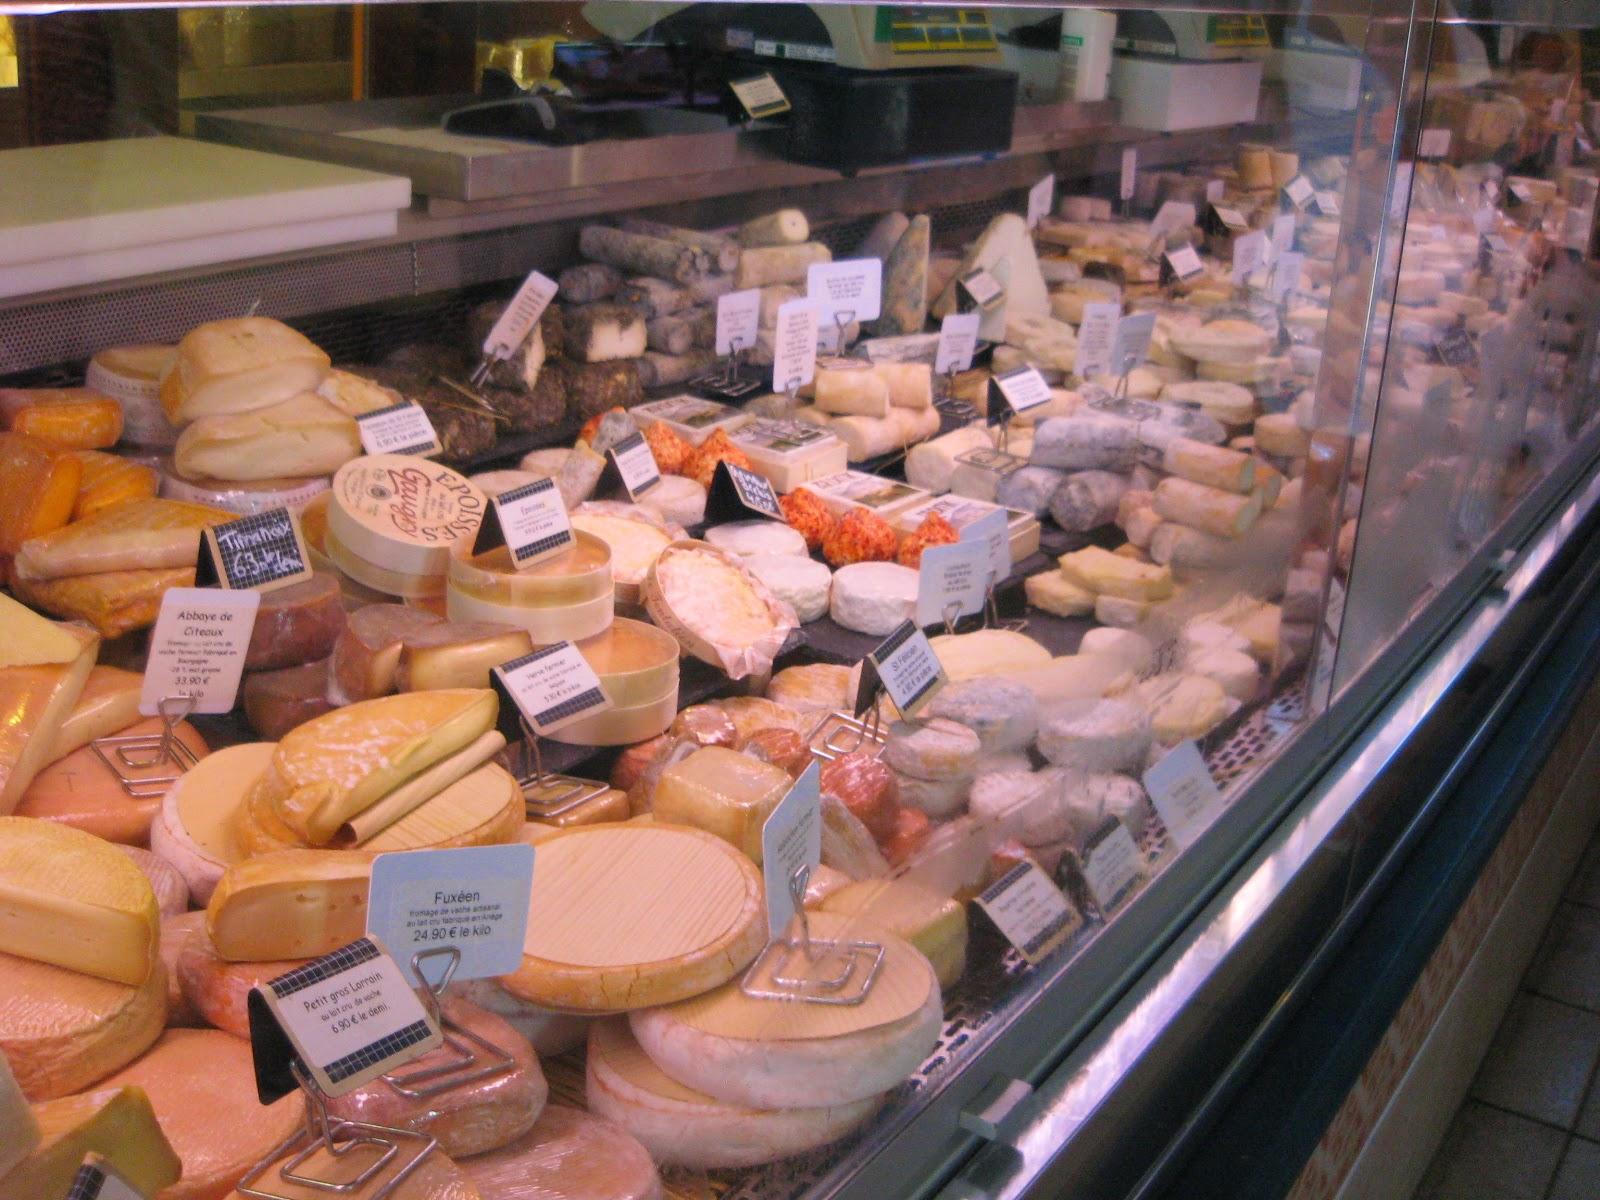 Puesto de quesos en el mercado de San Juan de Luz